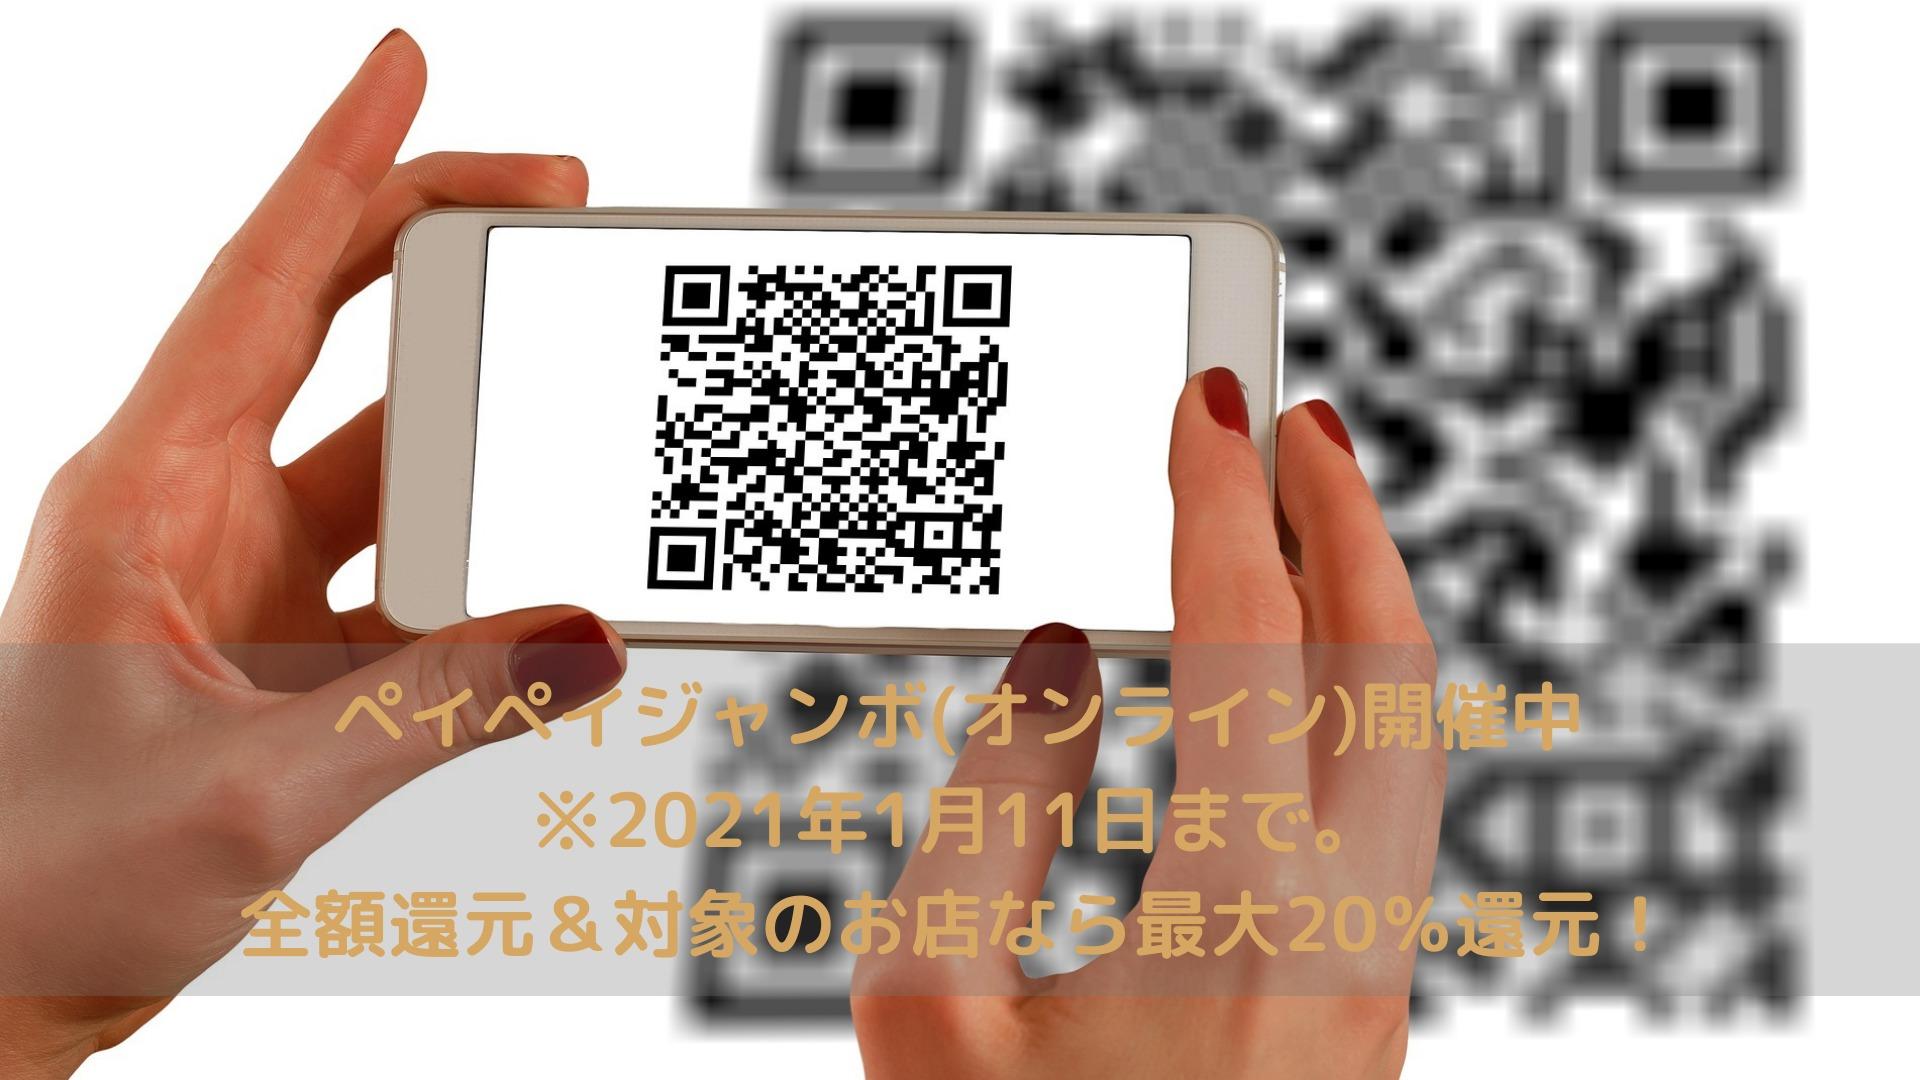 ペイペイジャンボ(オンライン)開催中※2021年1月11日まで。全額還元&対象のお店なら最大20%還元!